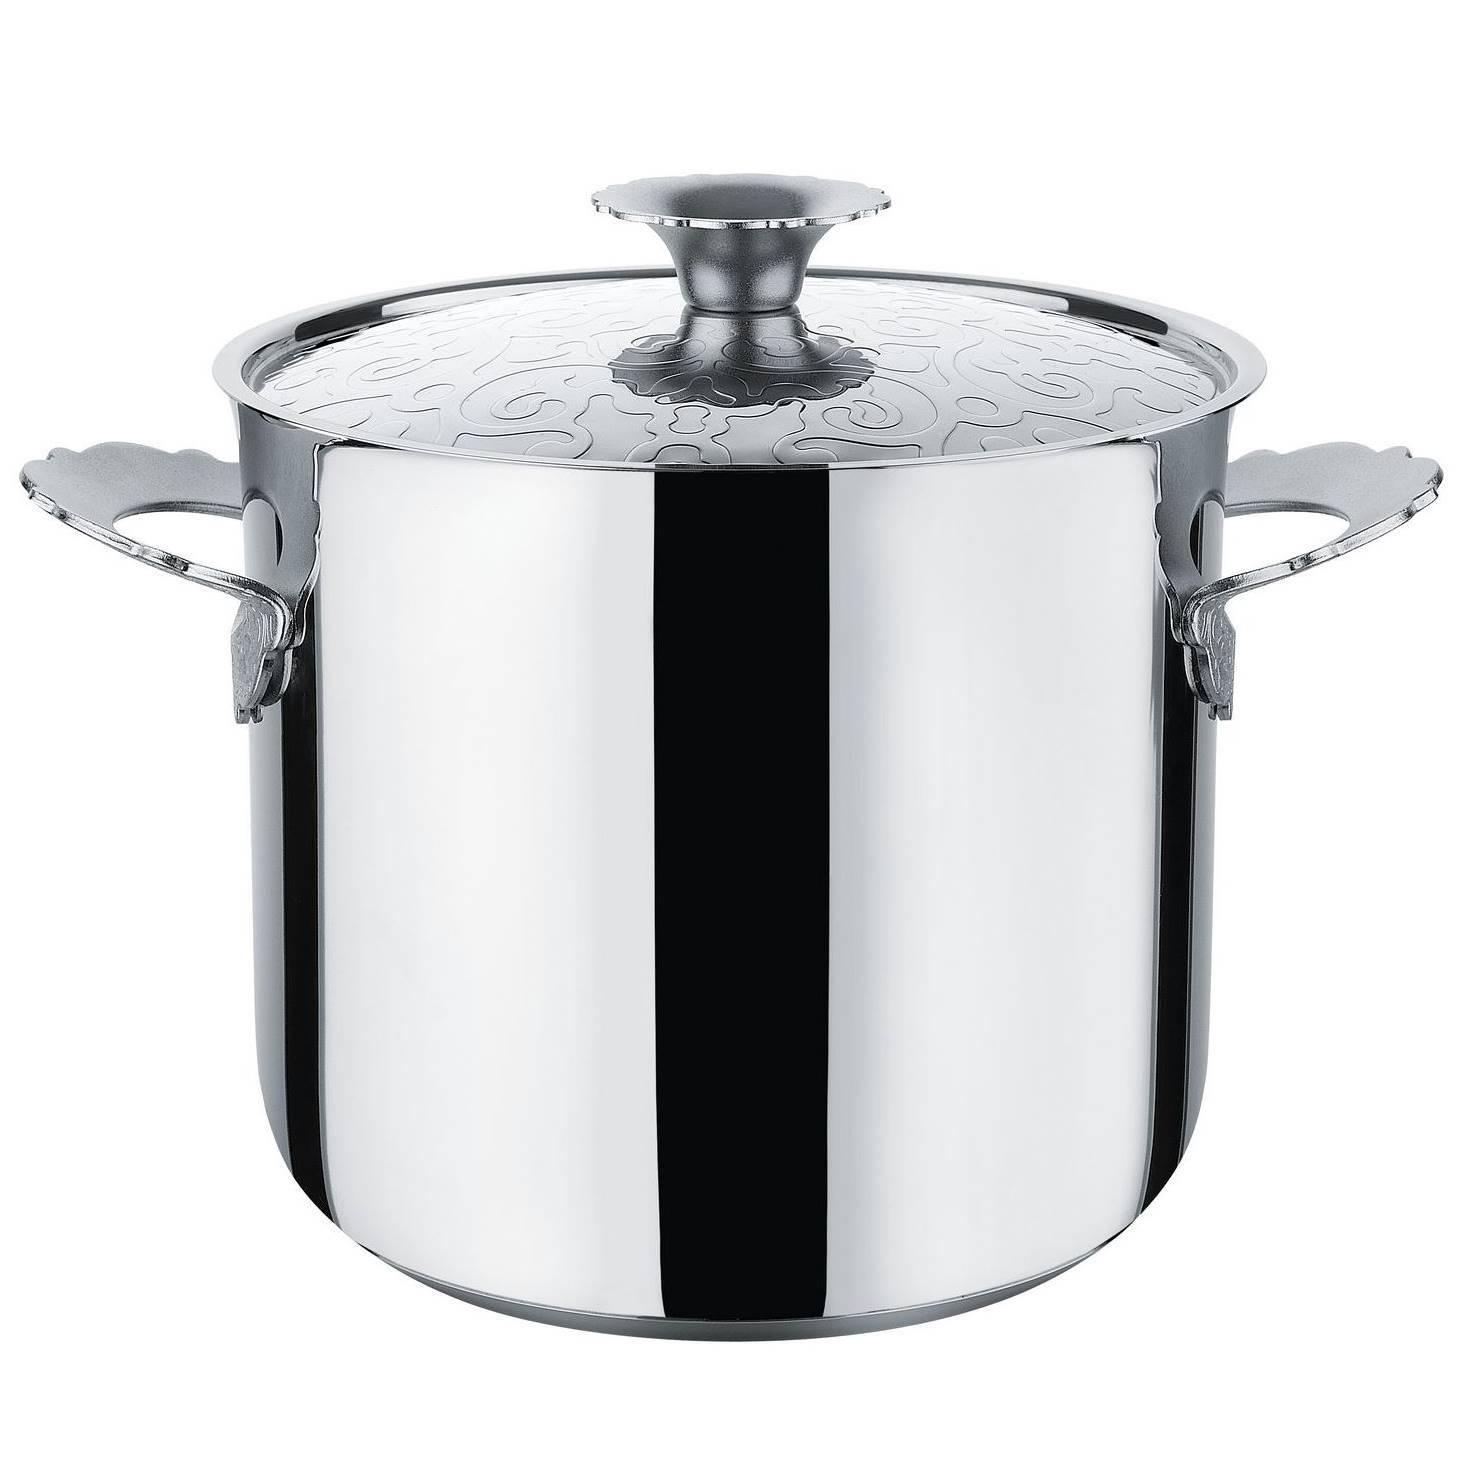 Designové hrnce na polévku Dressed